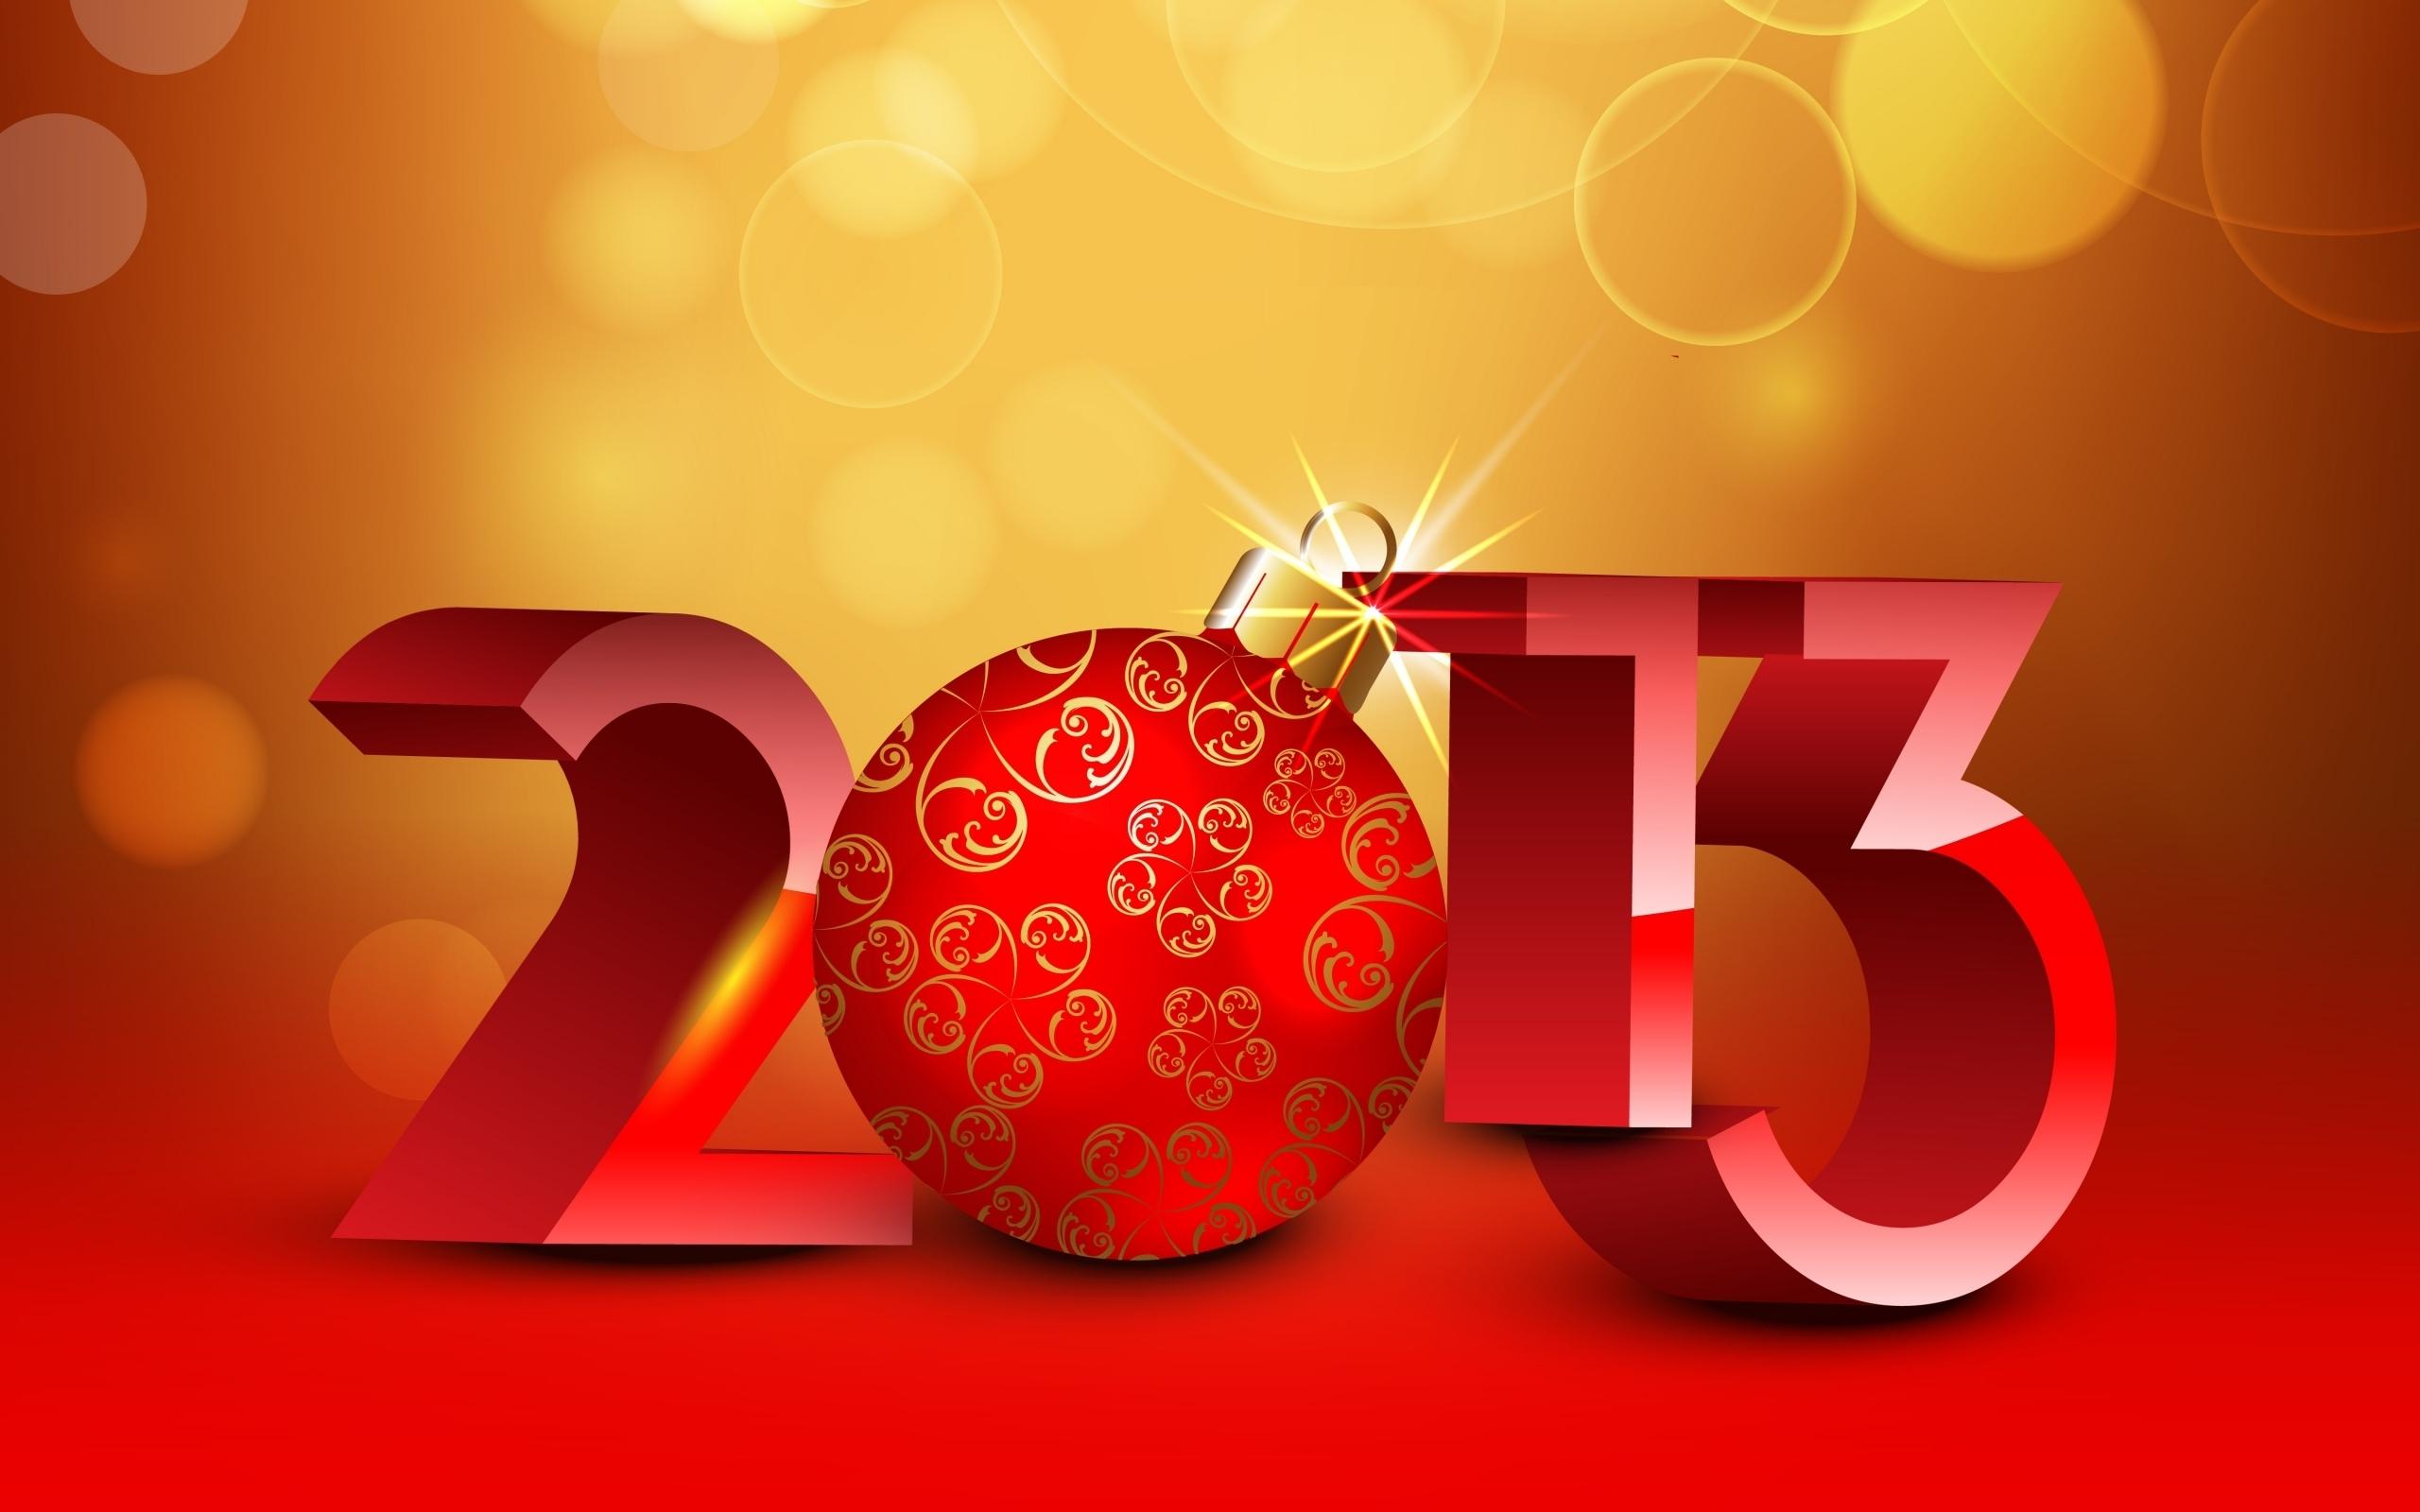 Праздники Новый год ( Рождество ) 2013 Шарики - Разное